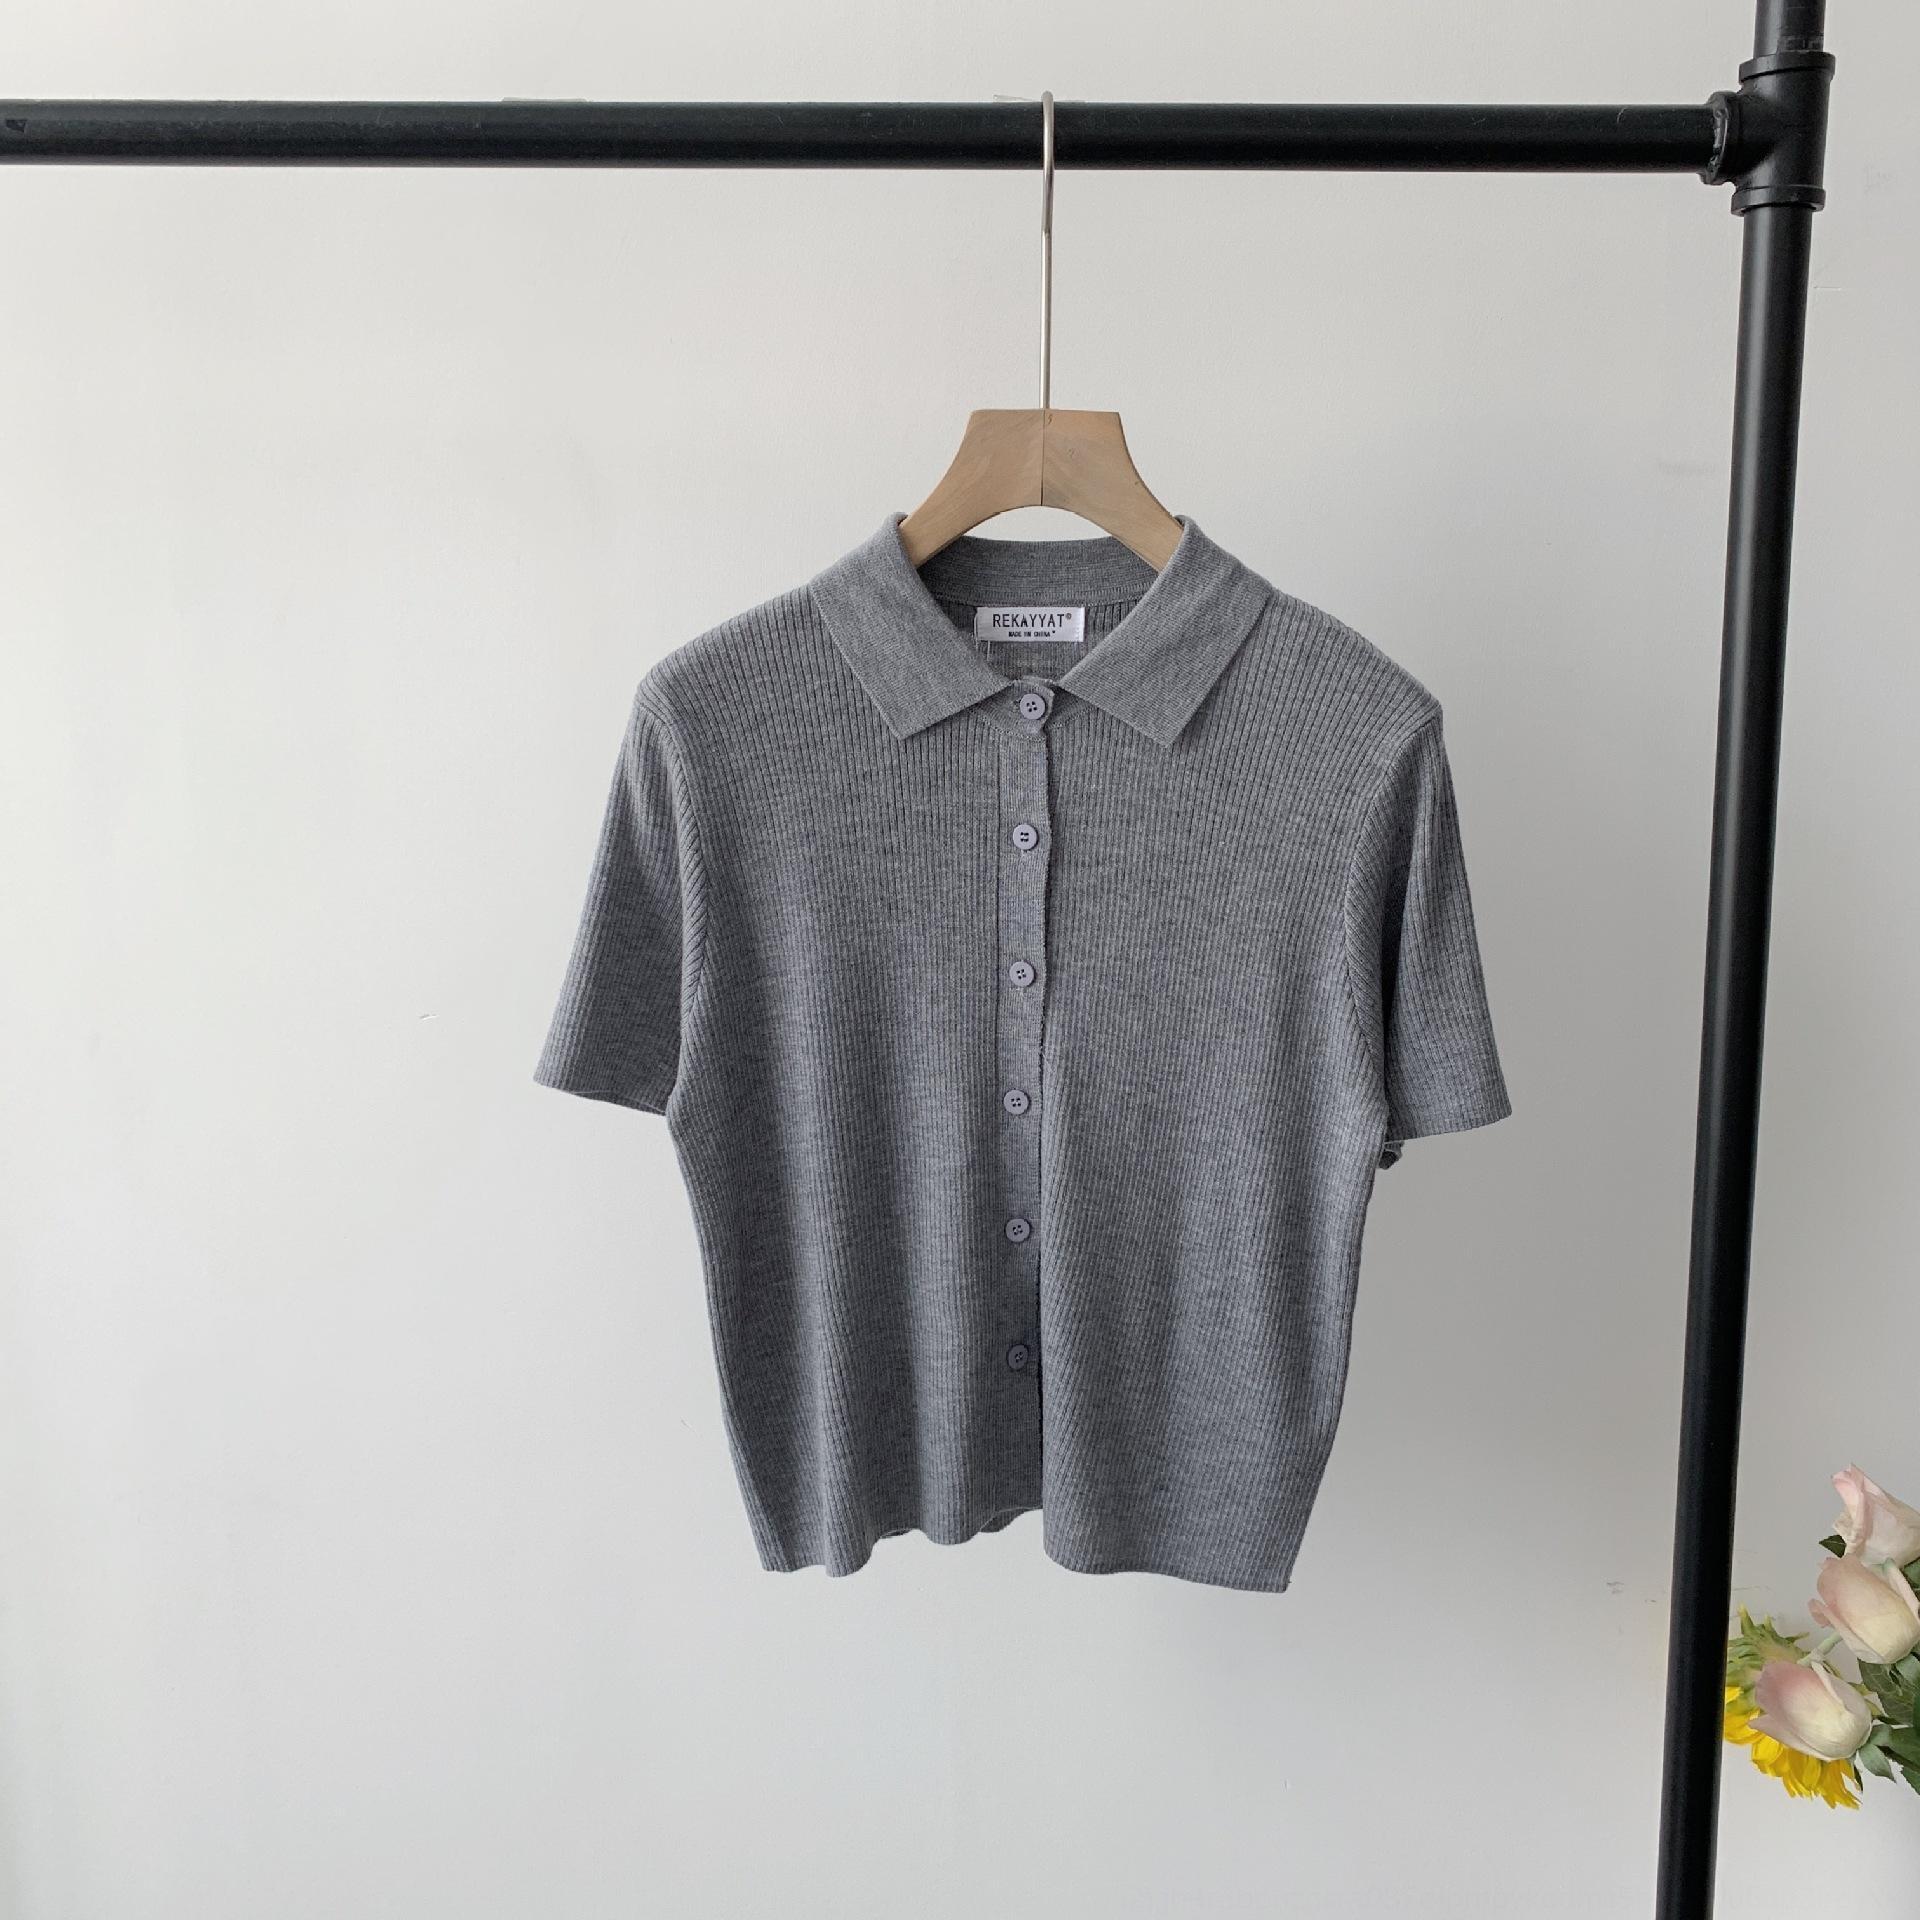 Fanyi 2020 verano ropa de la ropa solapa sólido ColorStyle edad reducir todo el fósforo que adelgaza ocasional linda linda de punto